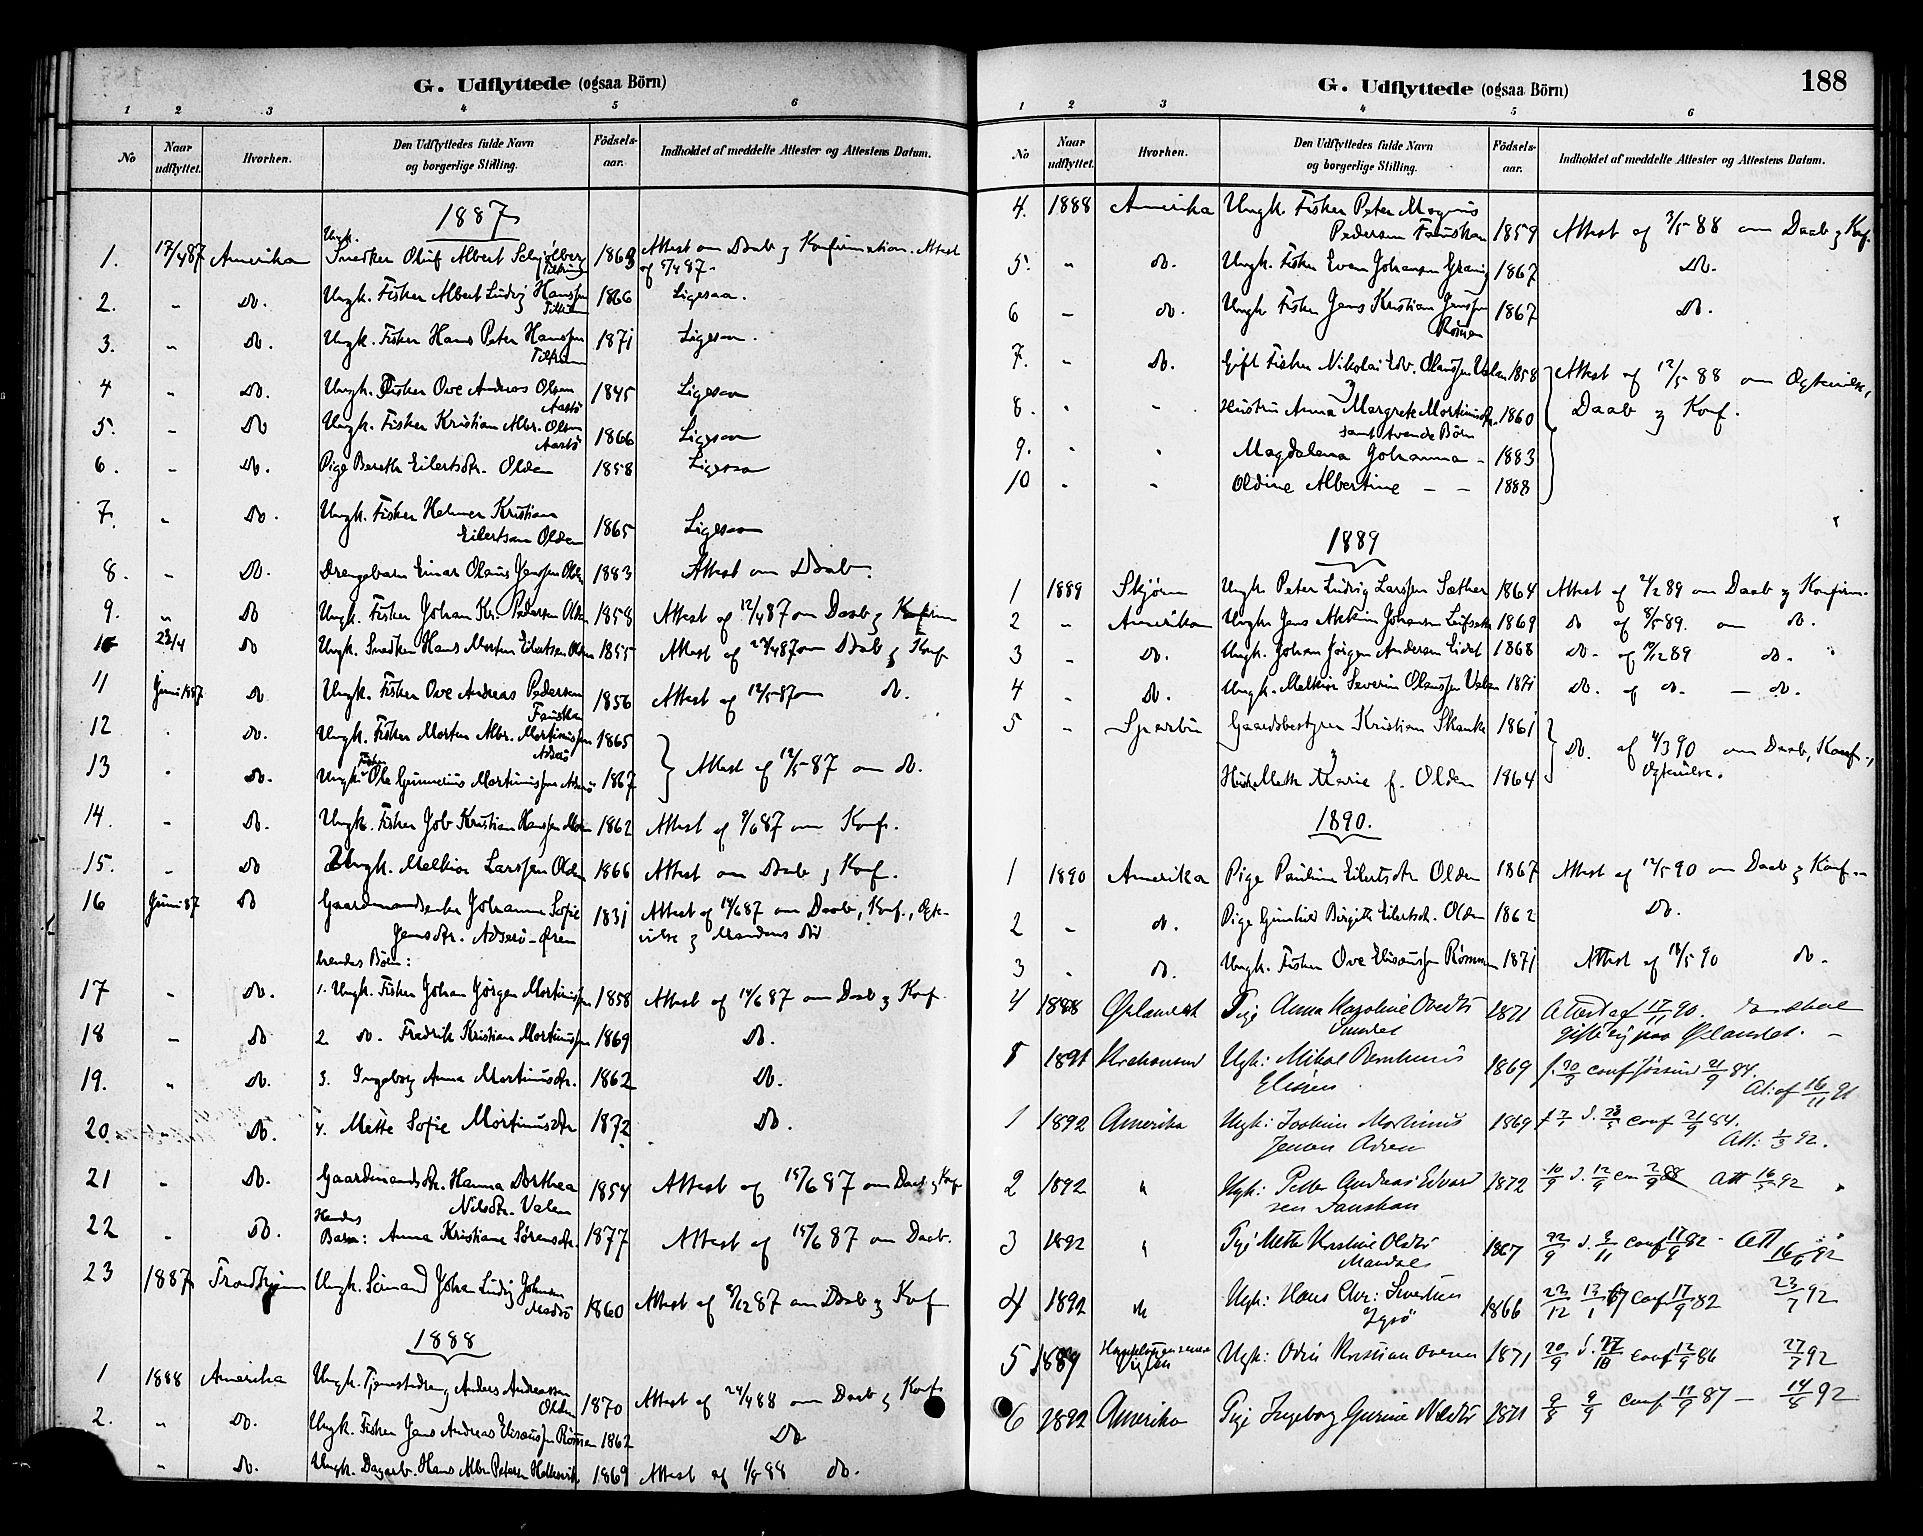 SAT, Ministerialprotokoller, klokkerbøker og fødselsregistre - Sør-Trøndelag, 654/L0663: Ministerialbok nr. 654A01, 1880-1894, s. 188